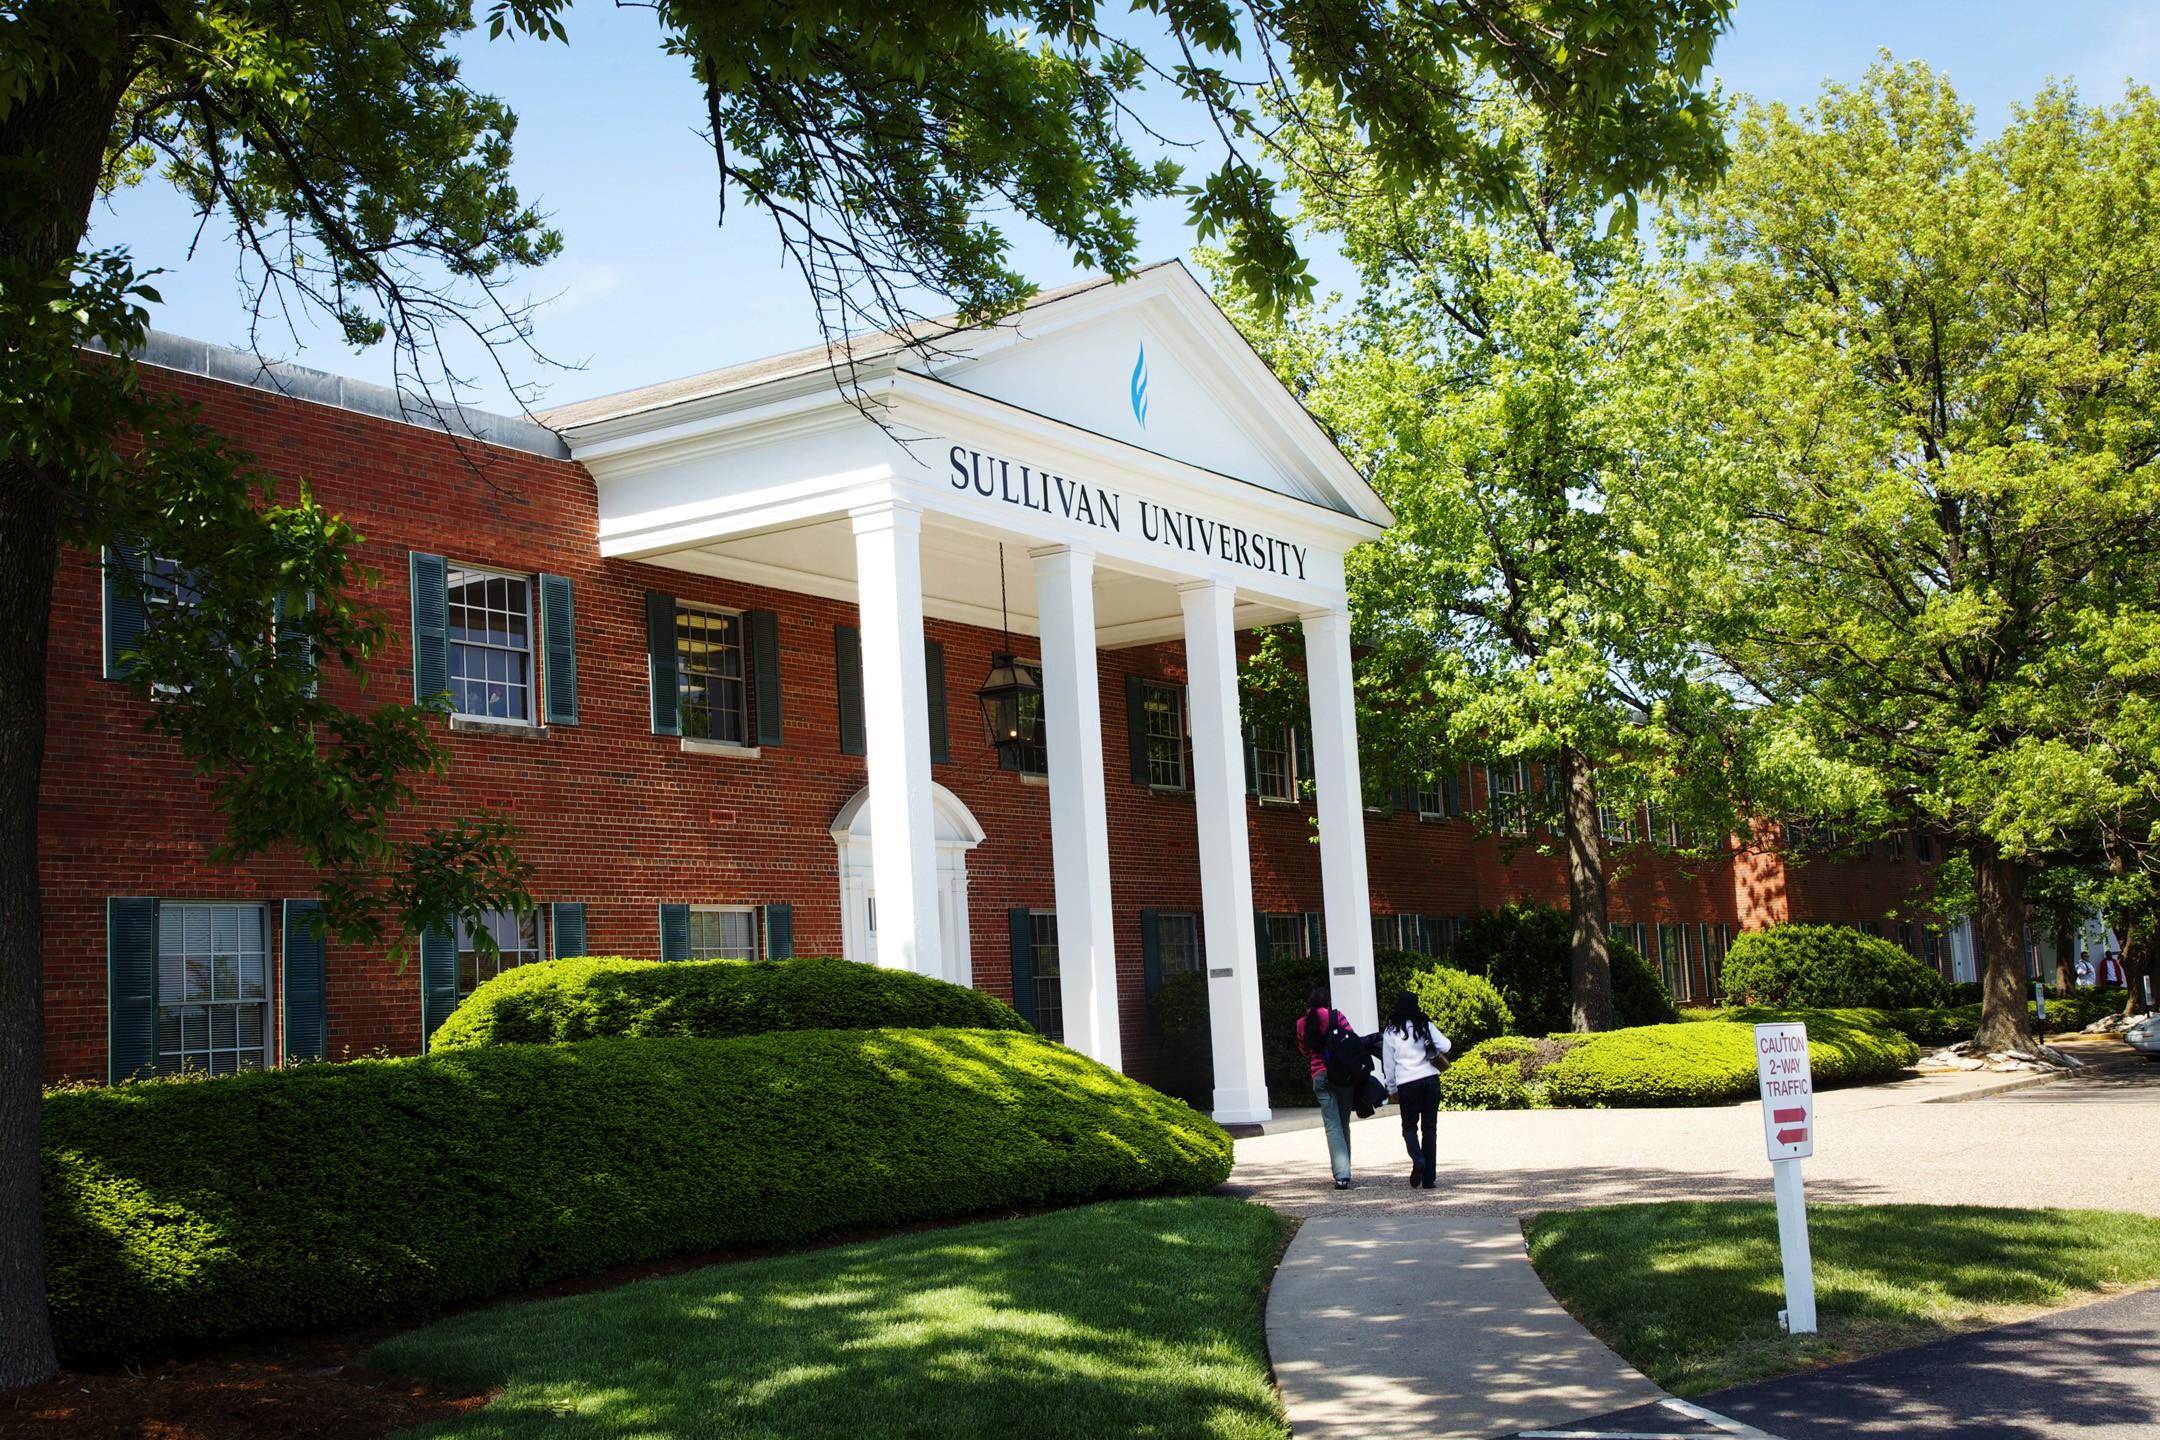 Sullivan University | LinkedIn